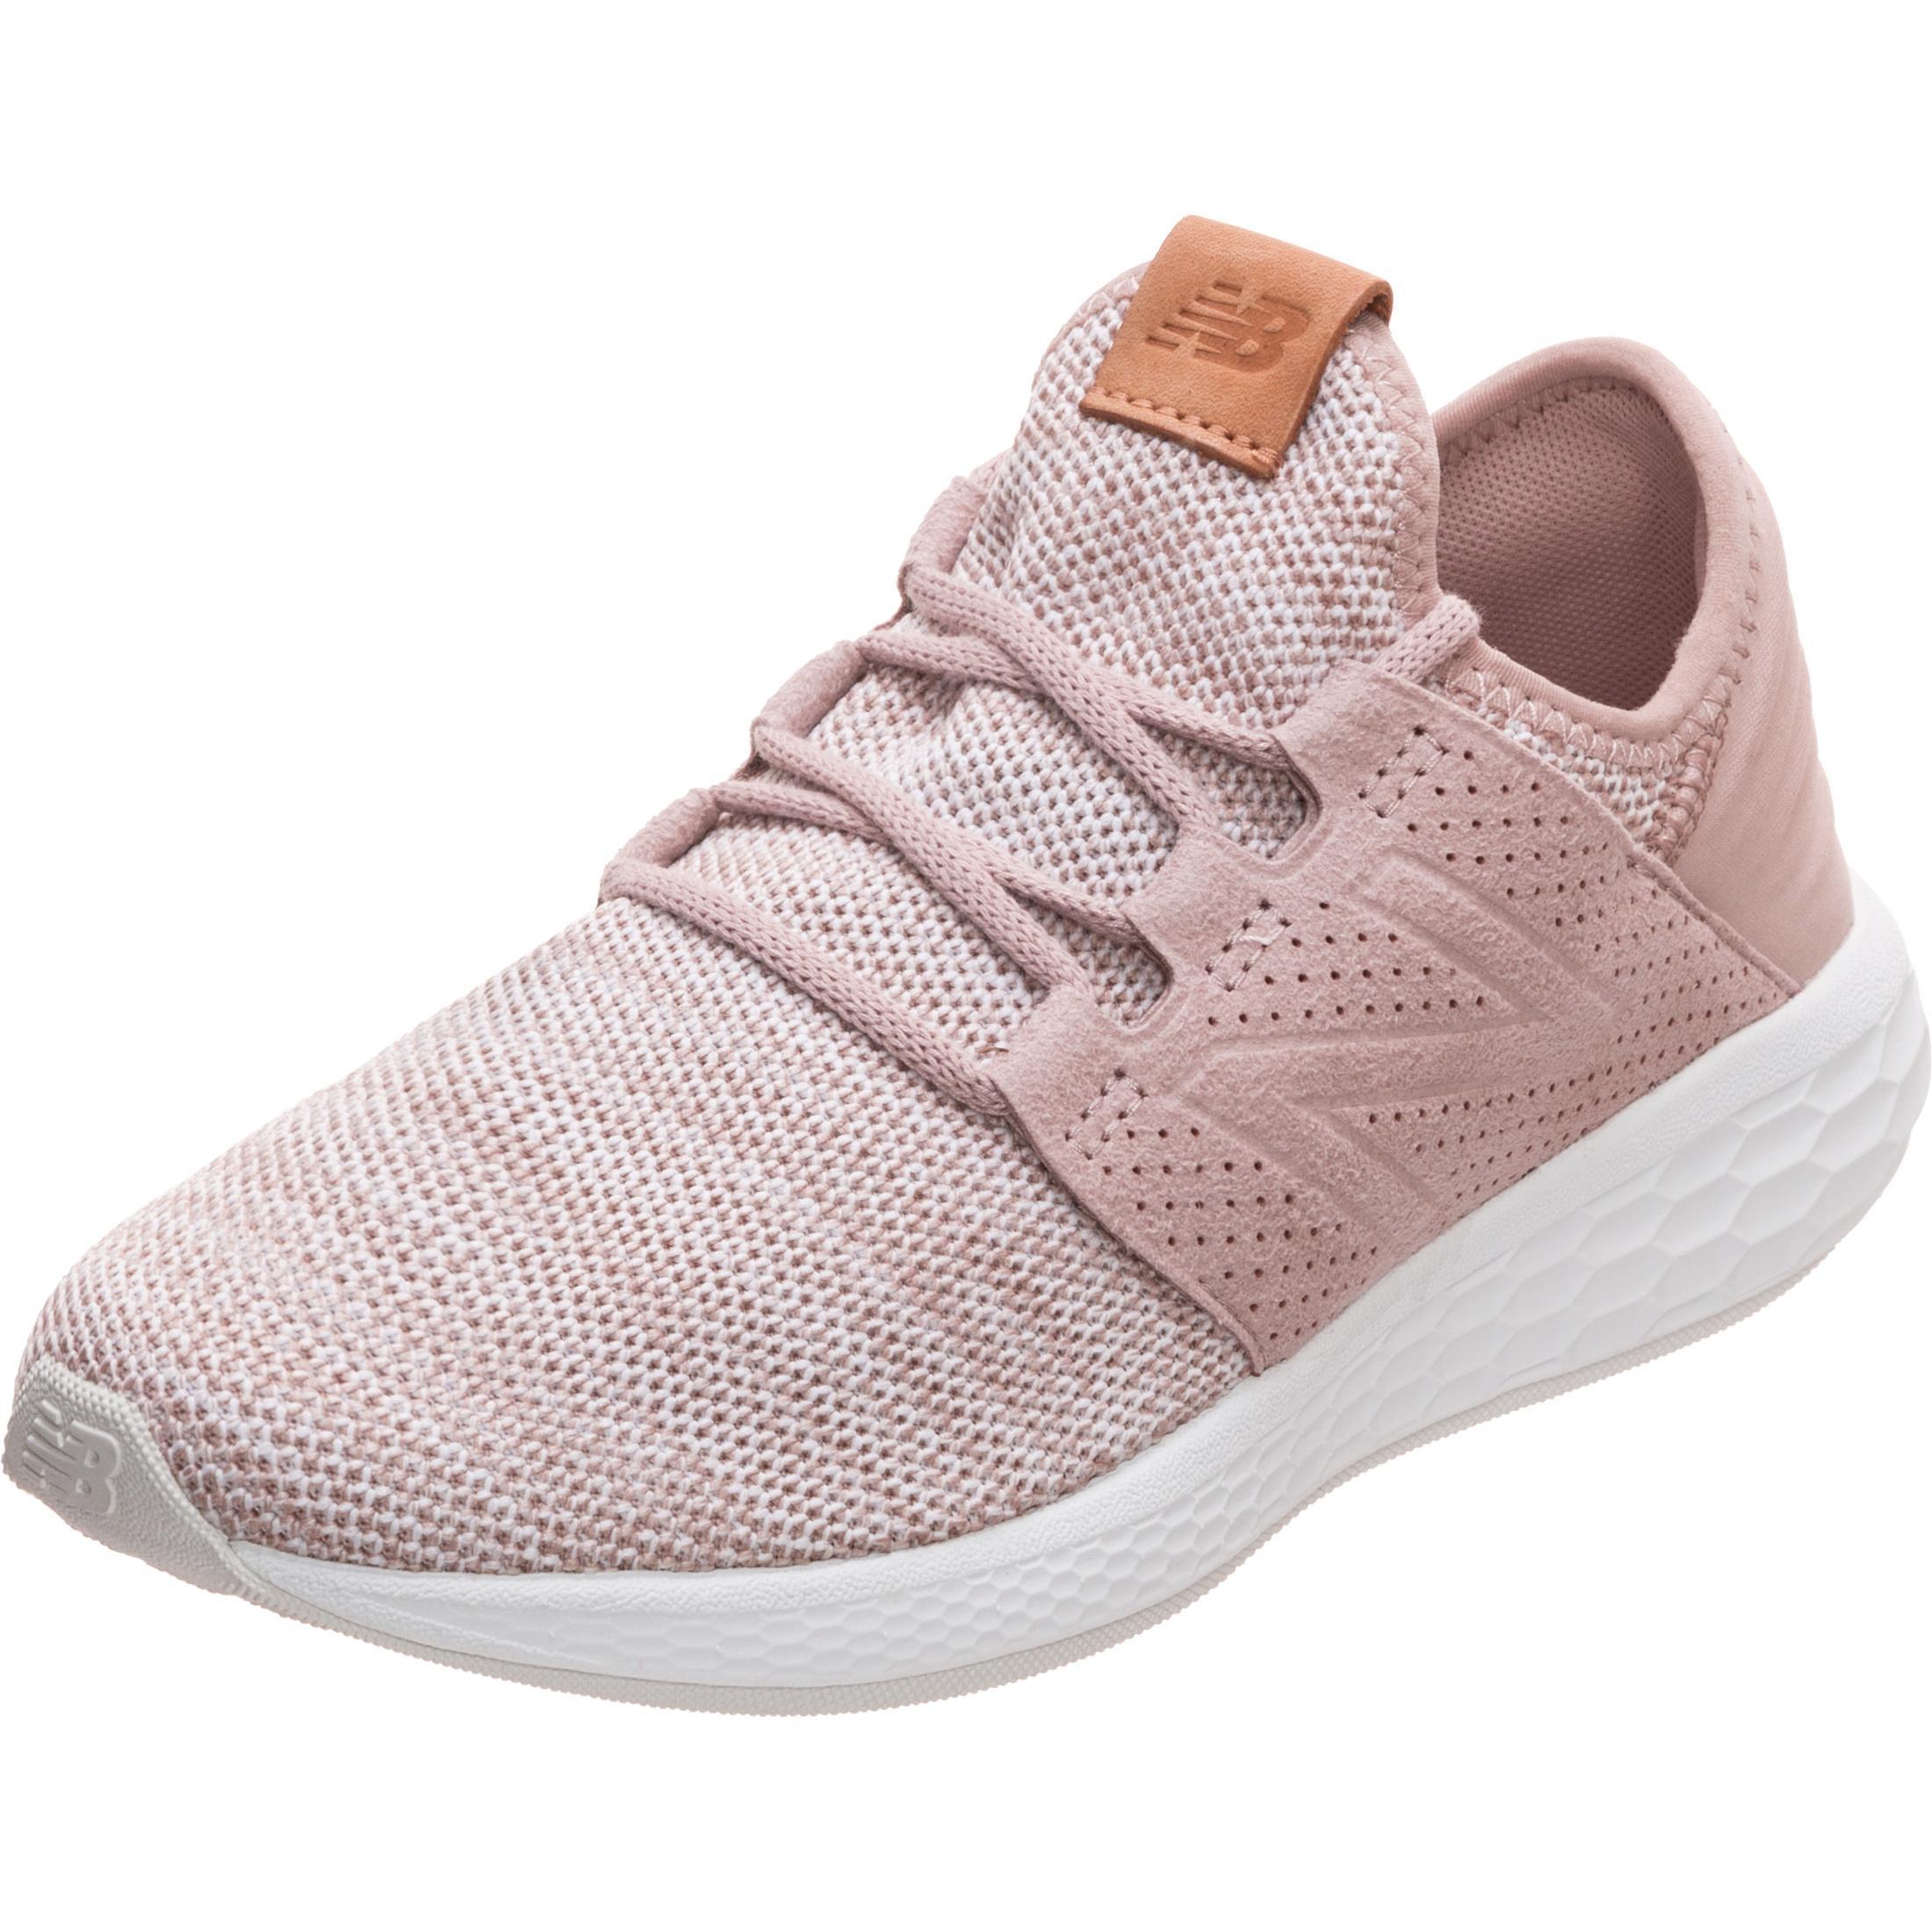 NEW BALANCE Fresh Foam Cruz v2 Knit Laufschuhe Damen rosa / weiß im Online  Shop von SportScheck kaufen